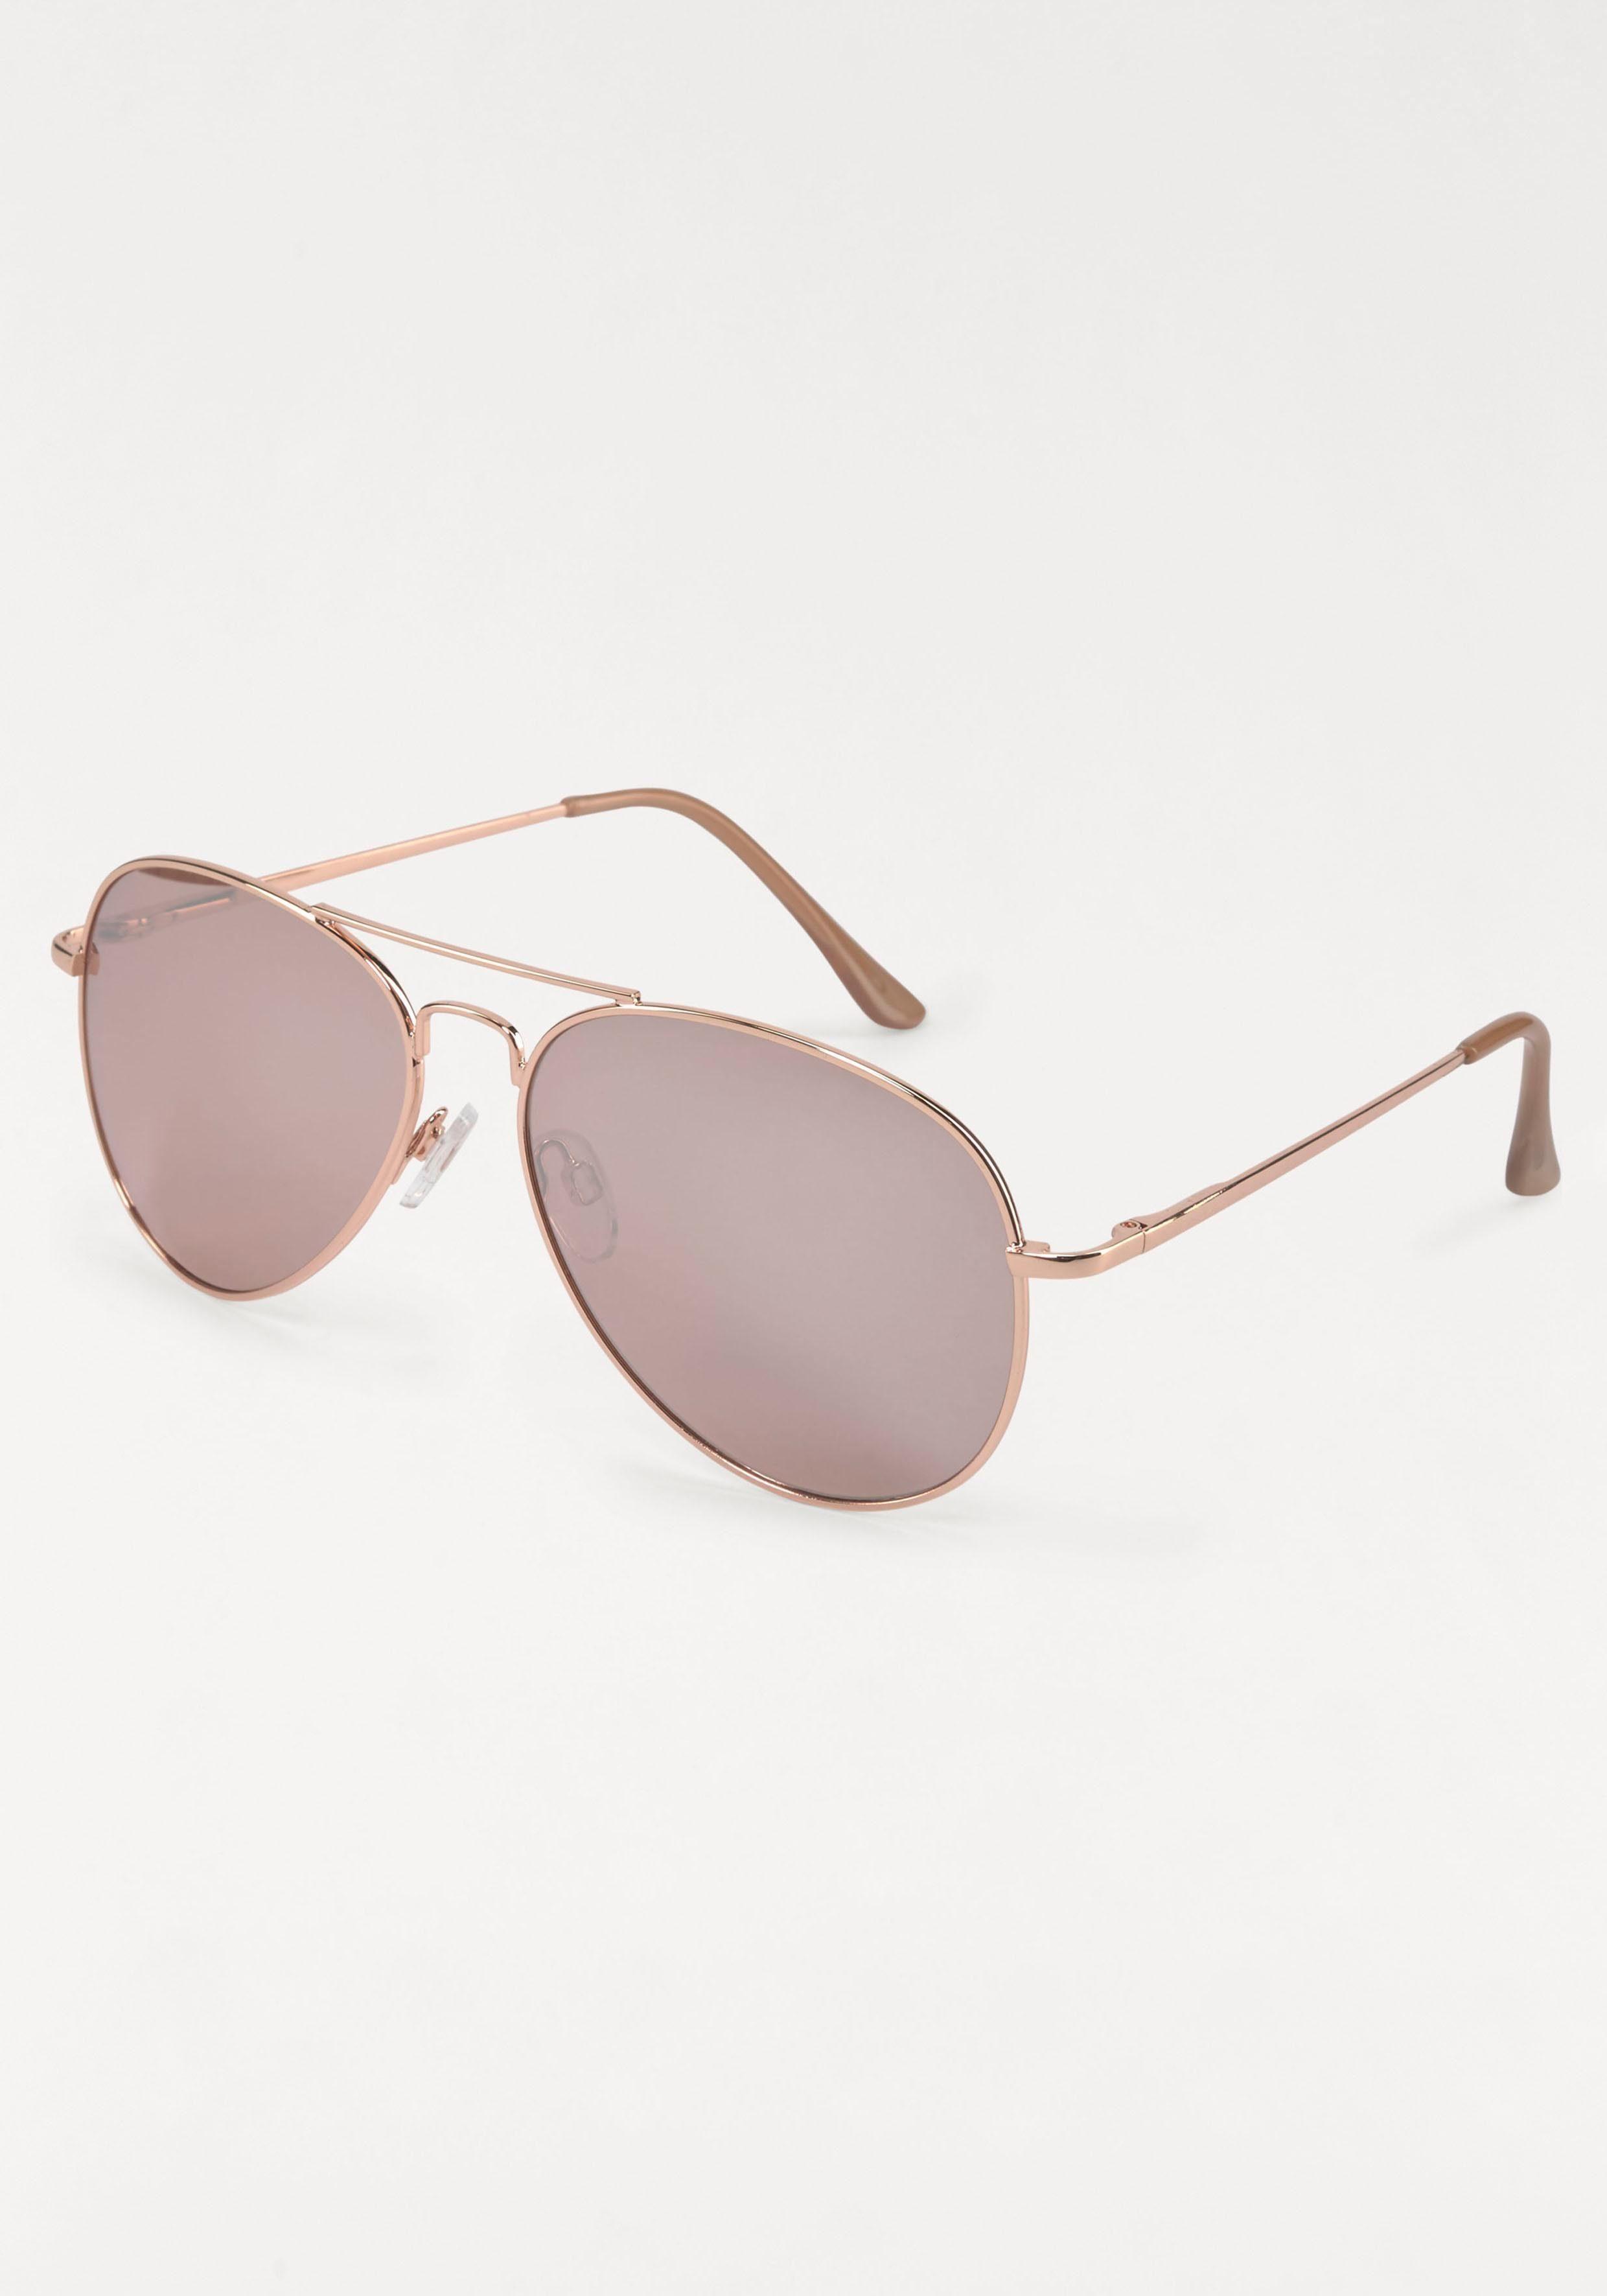 Sonnenbrille Fliegerbrille, Aviator Look, Pilotenform, Gläser verspiegelt